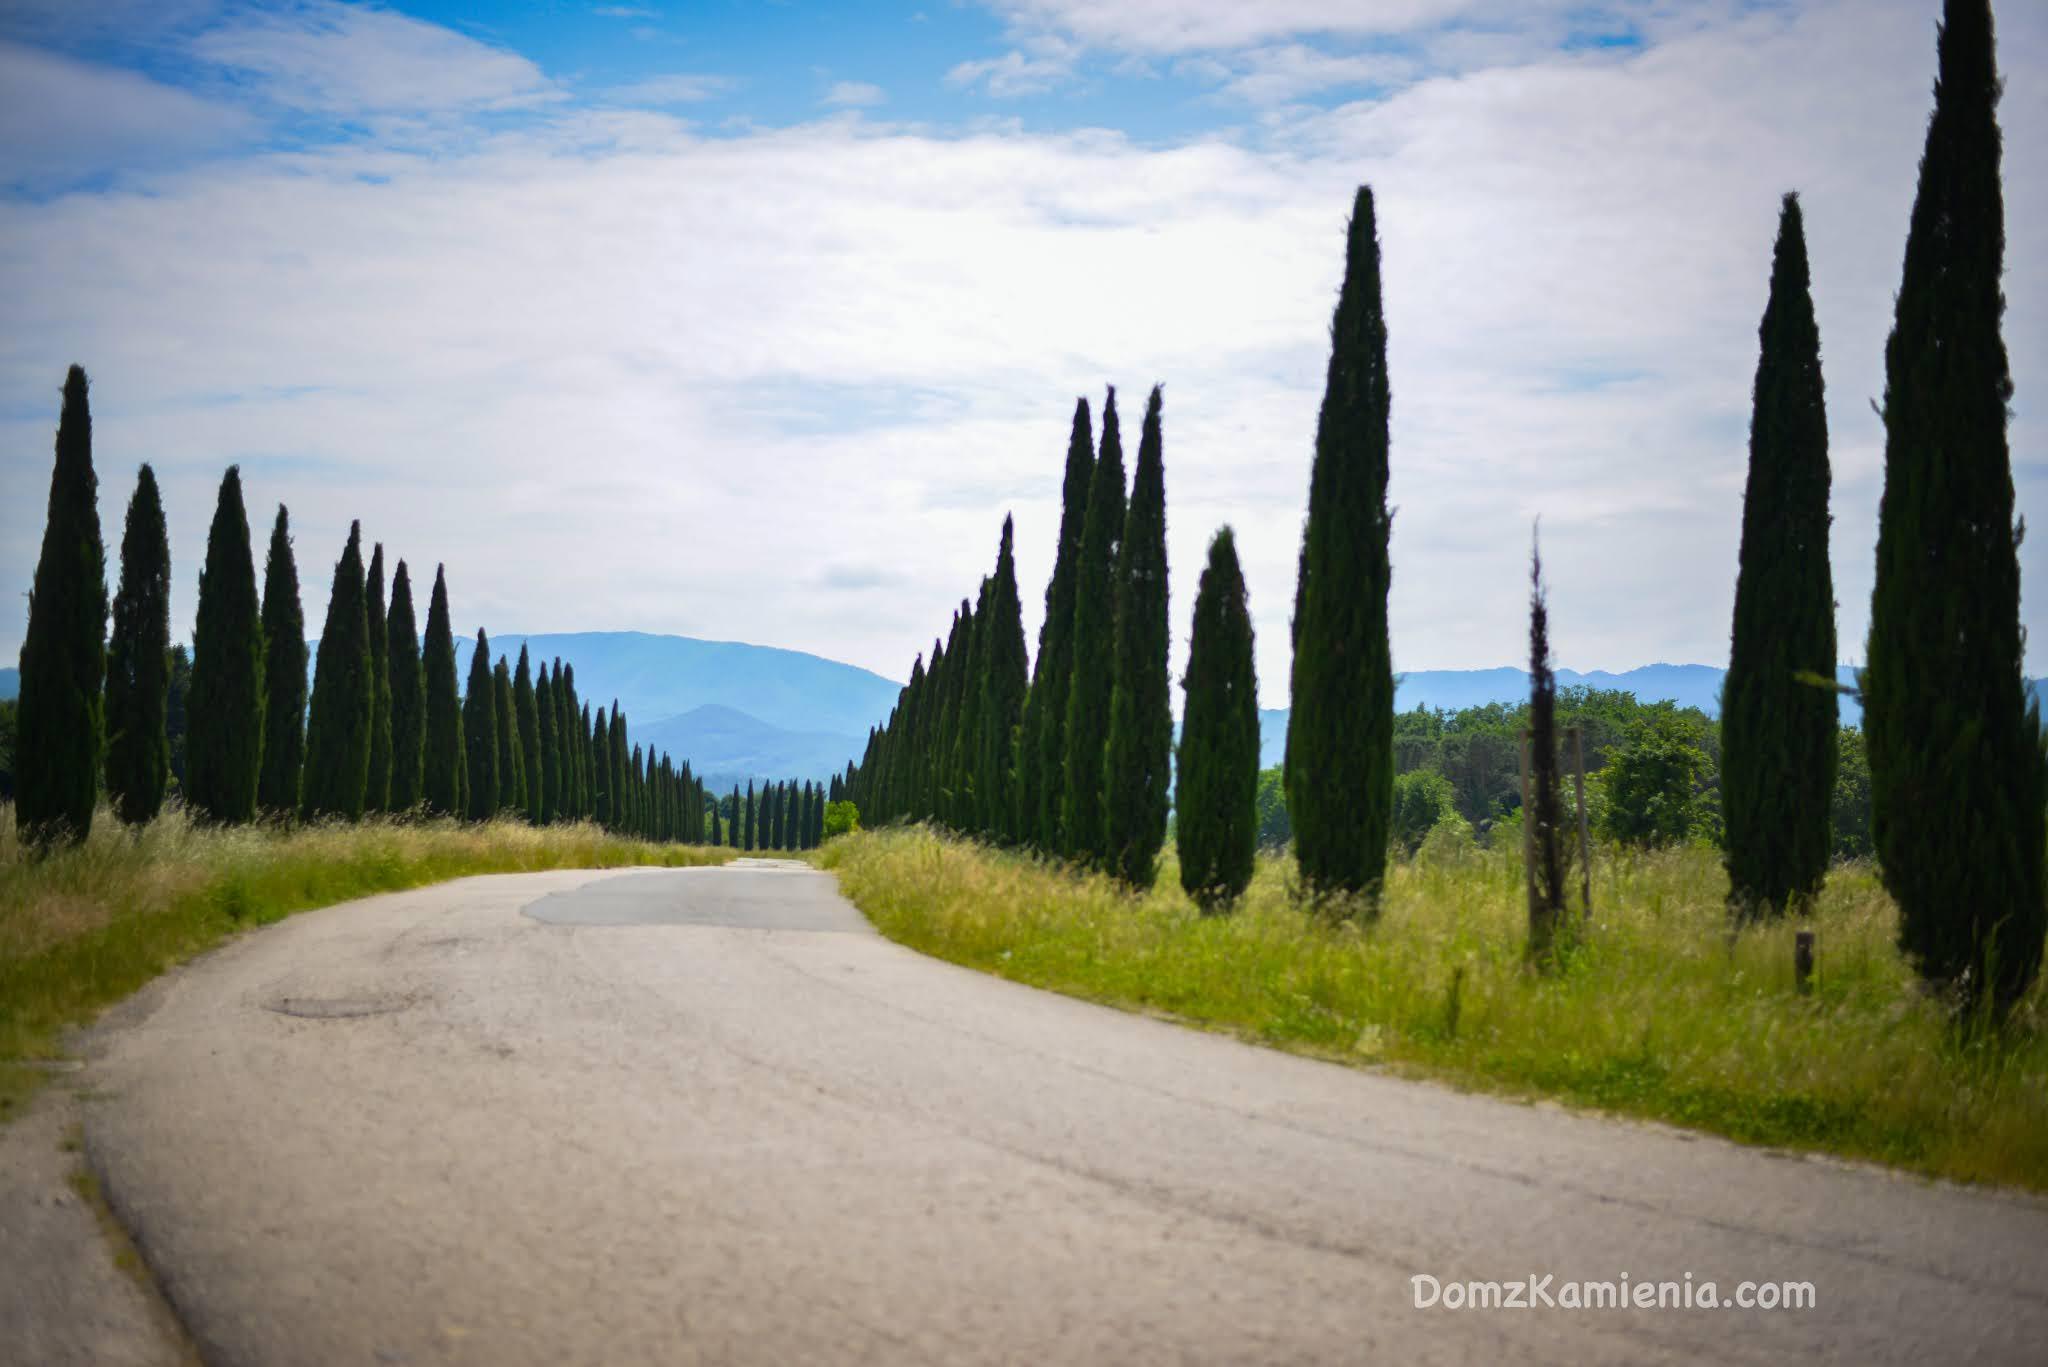 Dom z Kamienia blog, wakacje w Toskanii